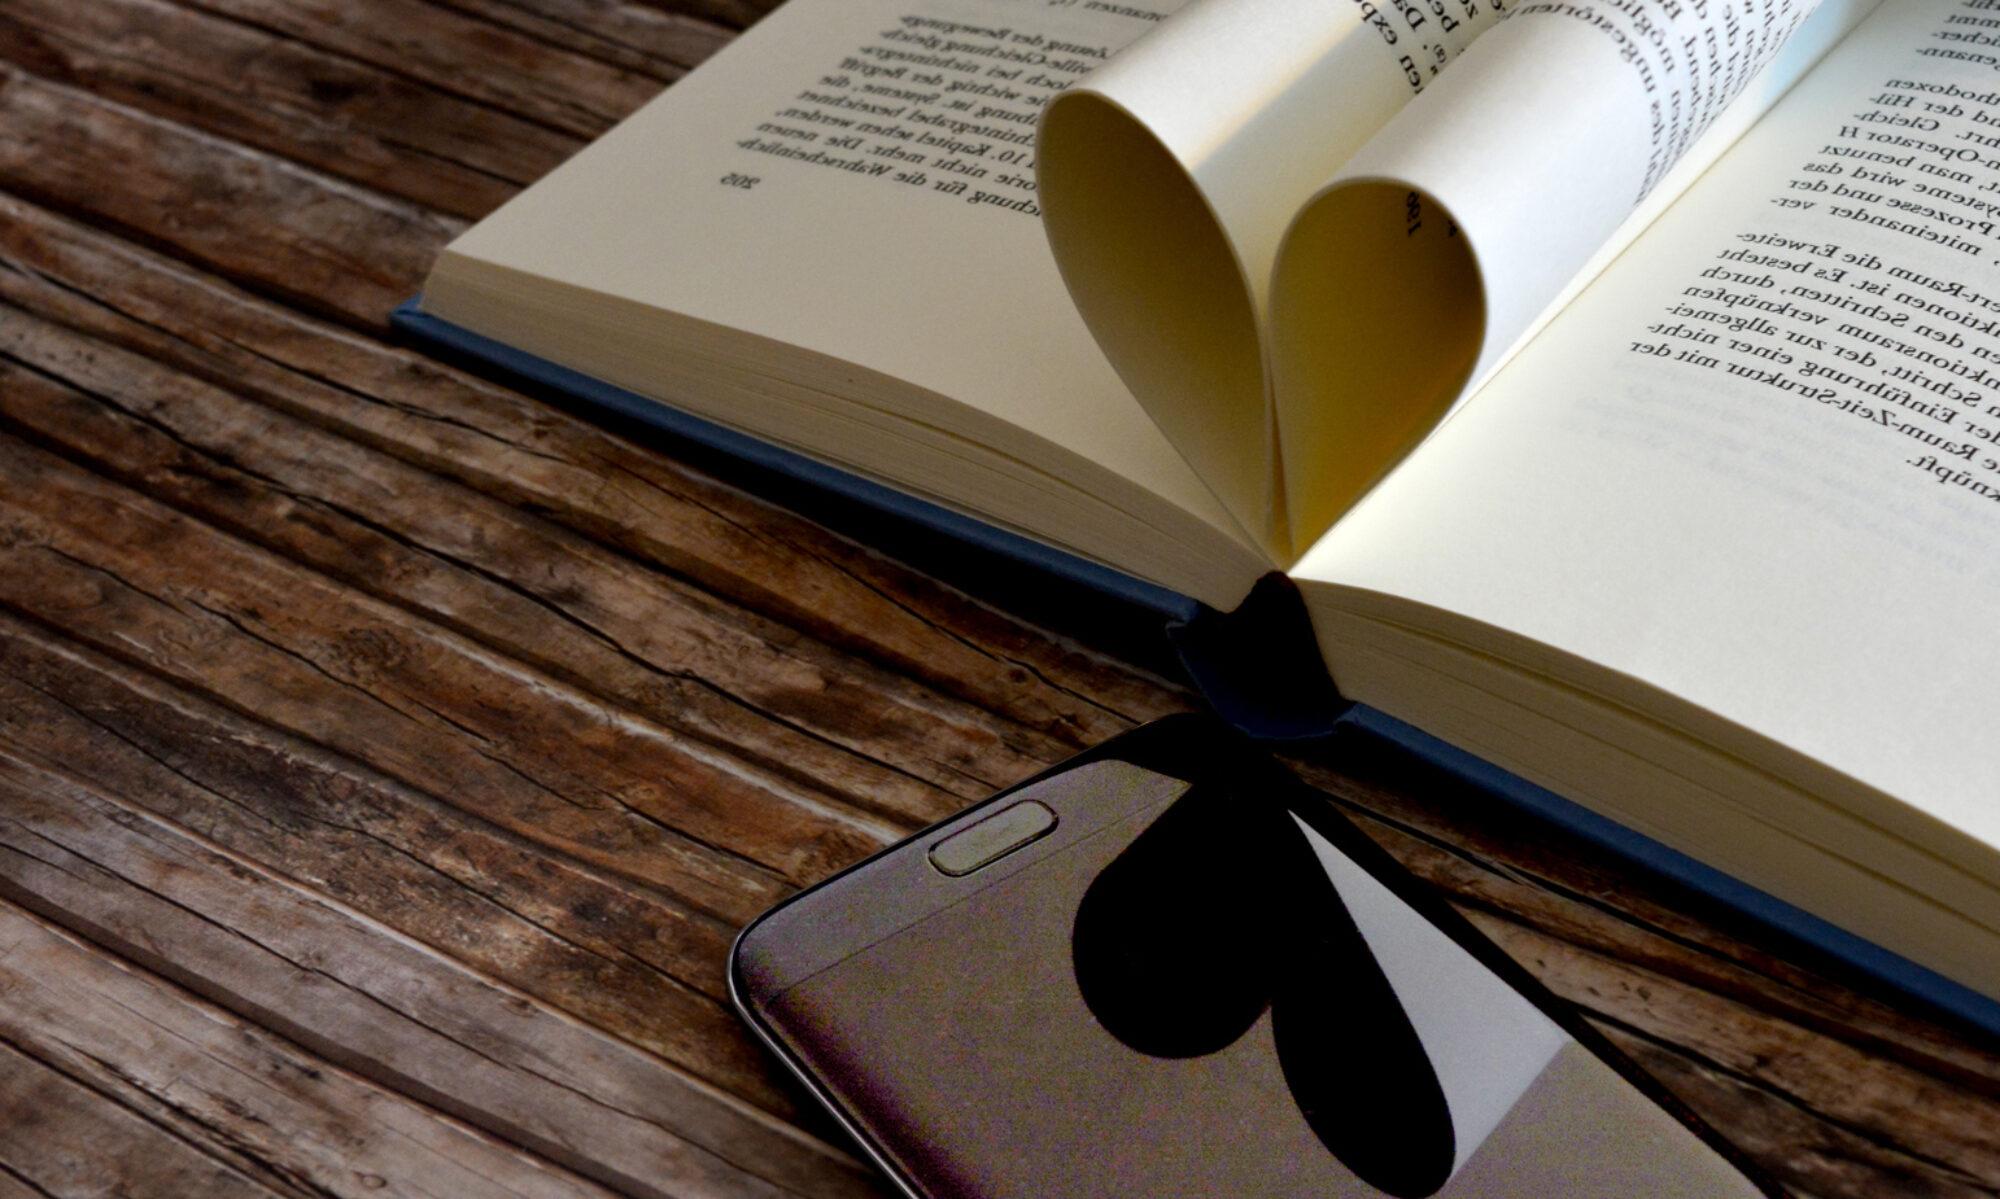 Damit aus Lesern Versteher werden